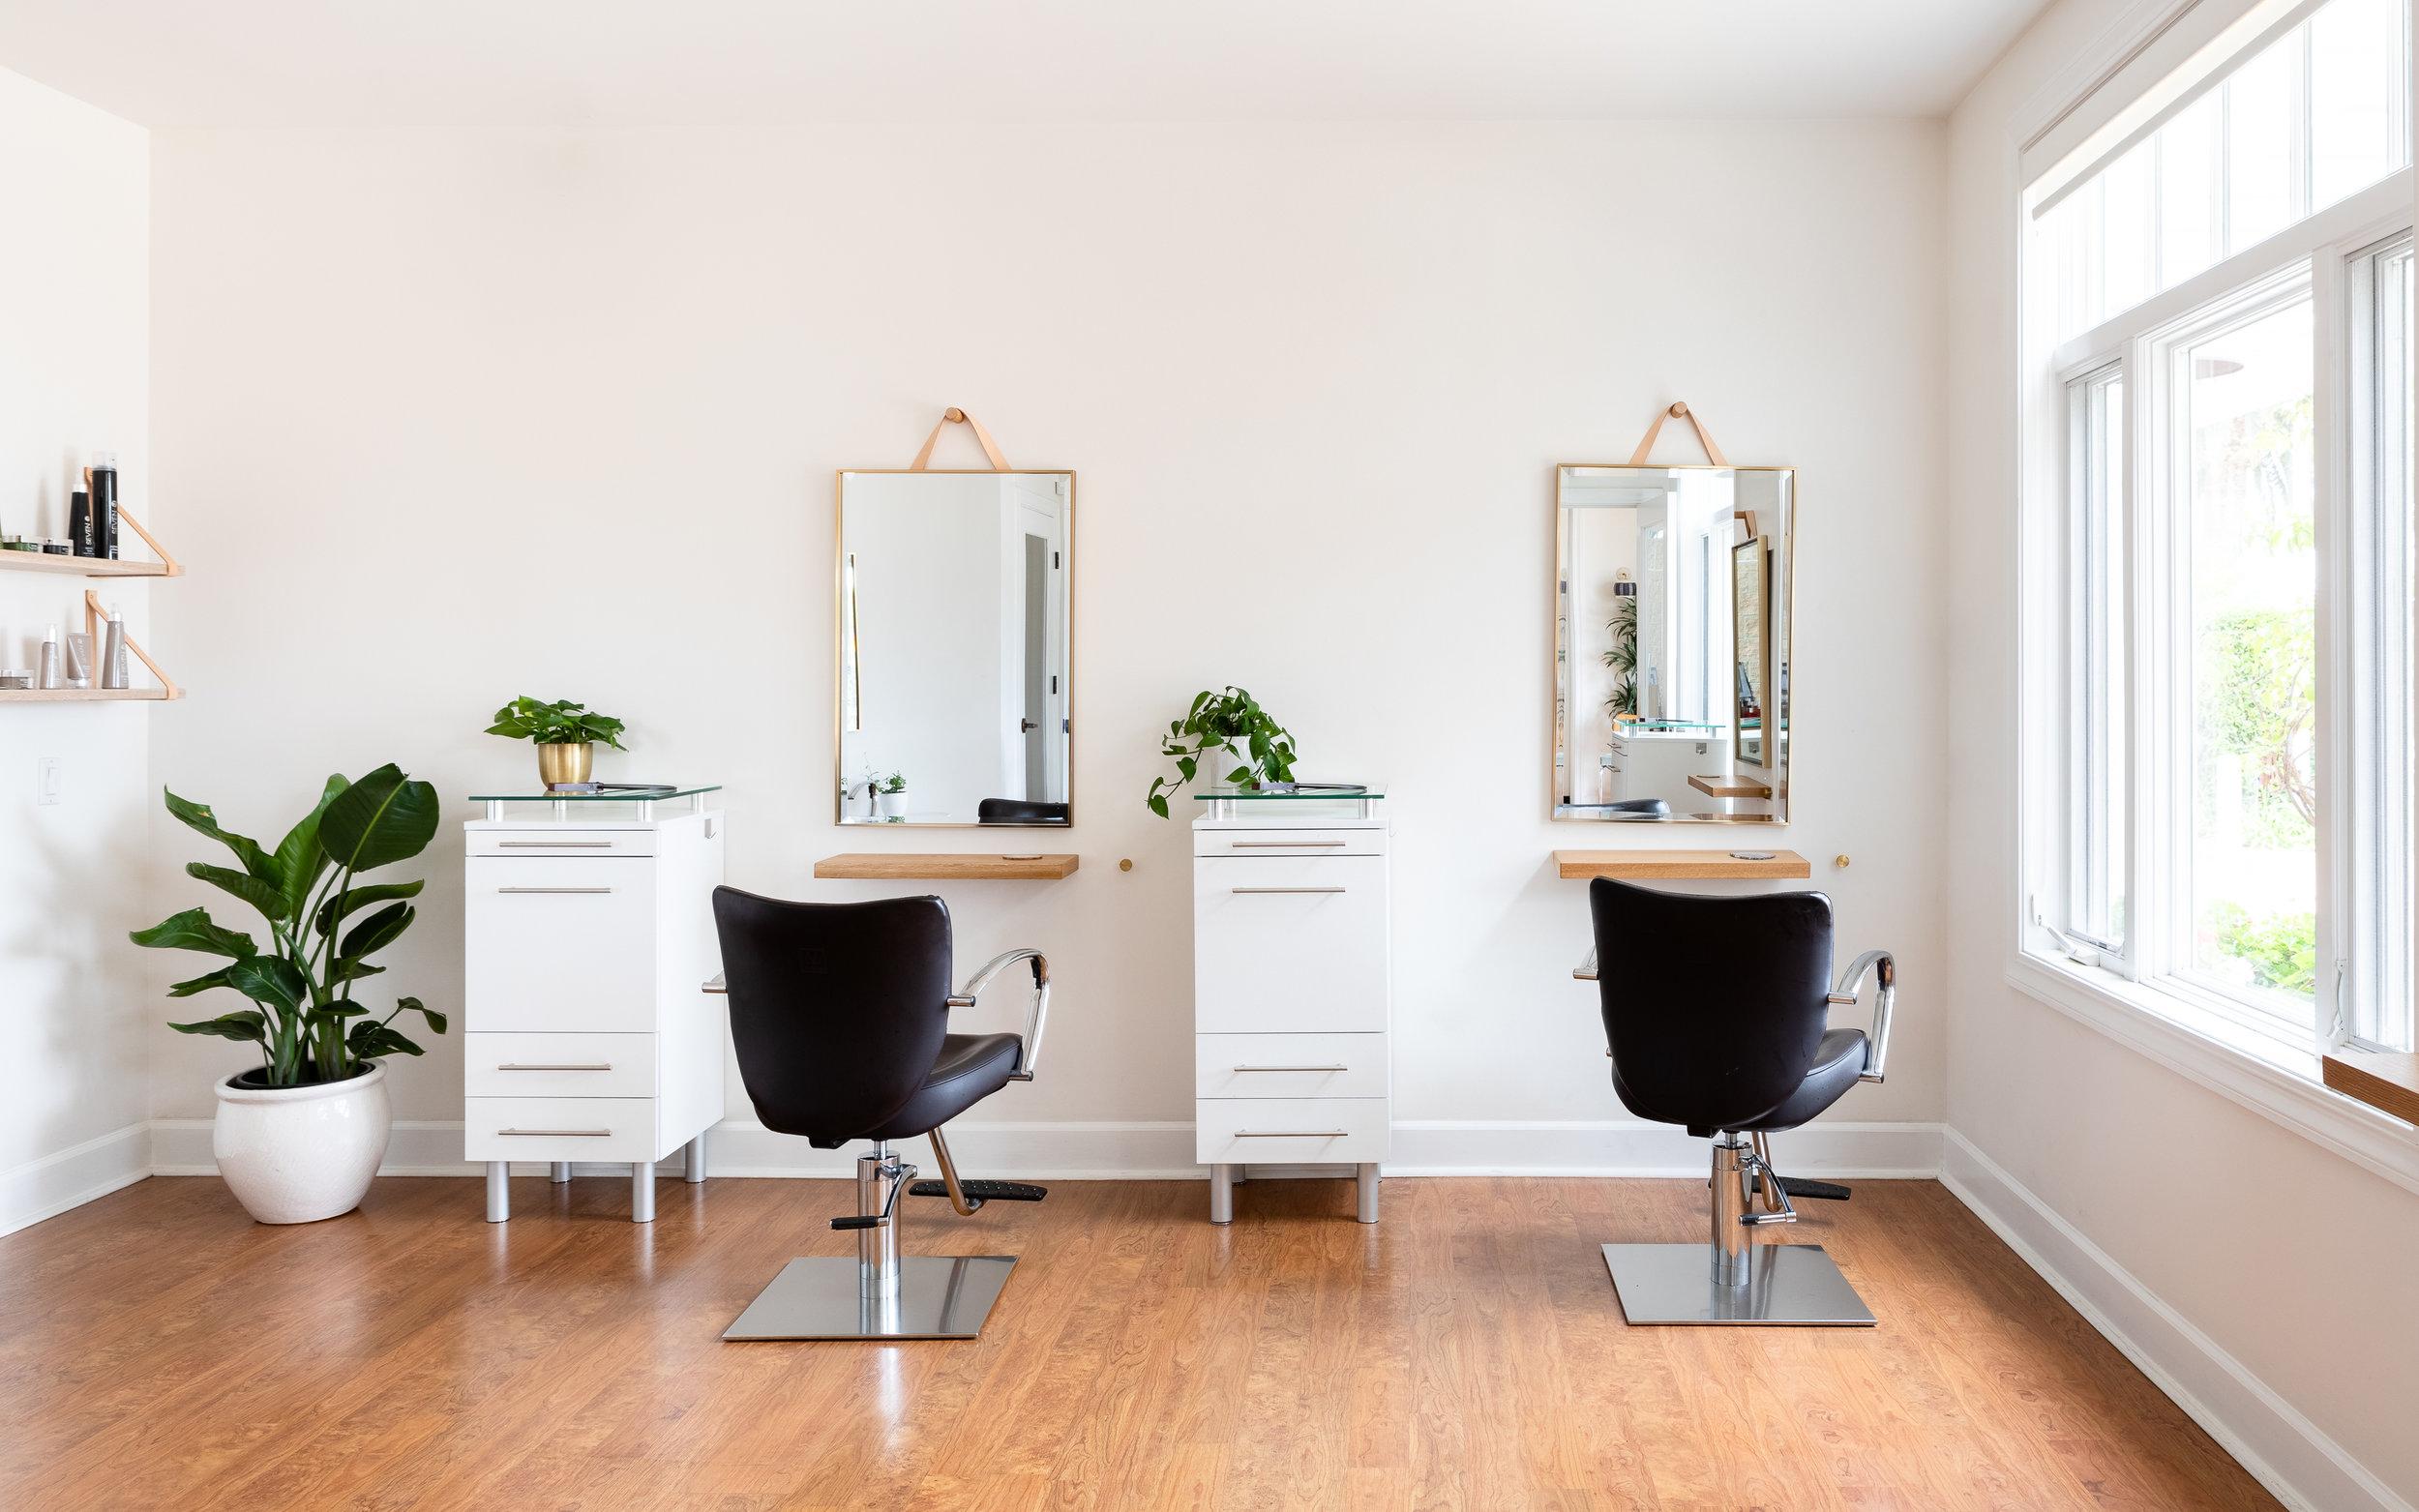 harte-designs-isaac-sss-salon-2.jpg